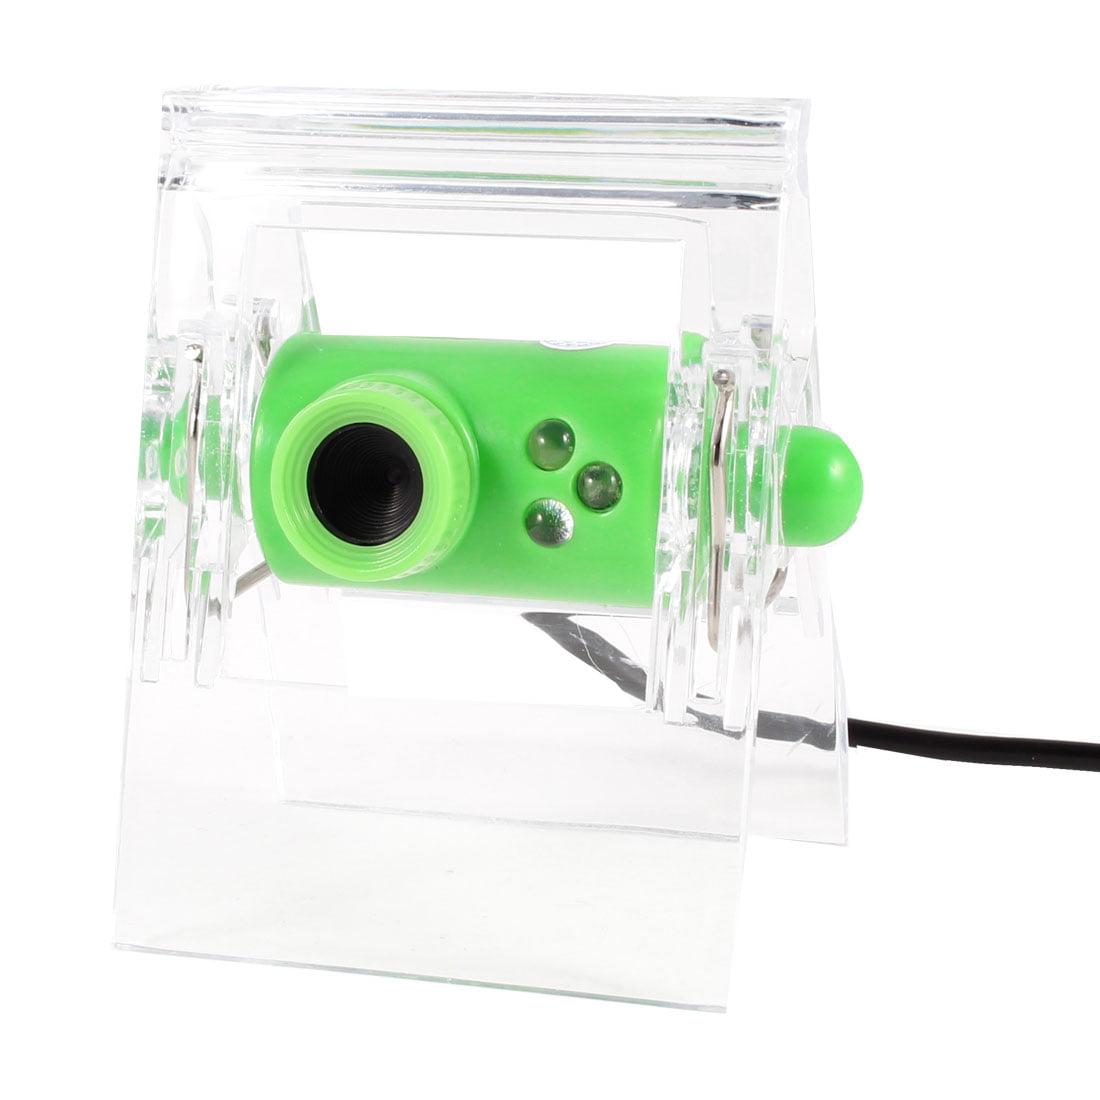 Clip 640x480 0.3 Mega Pixels 3 LED USB2.0 Webcam Green for Laptop Notebook